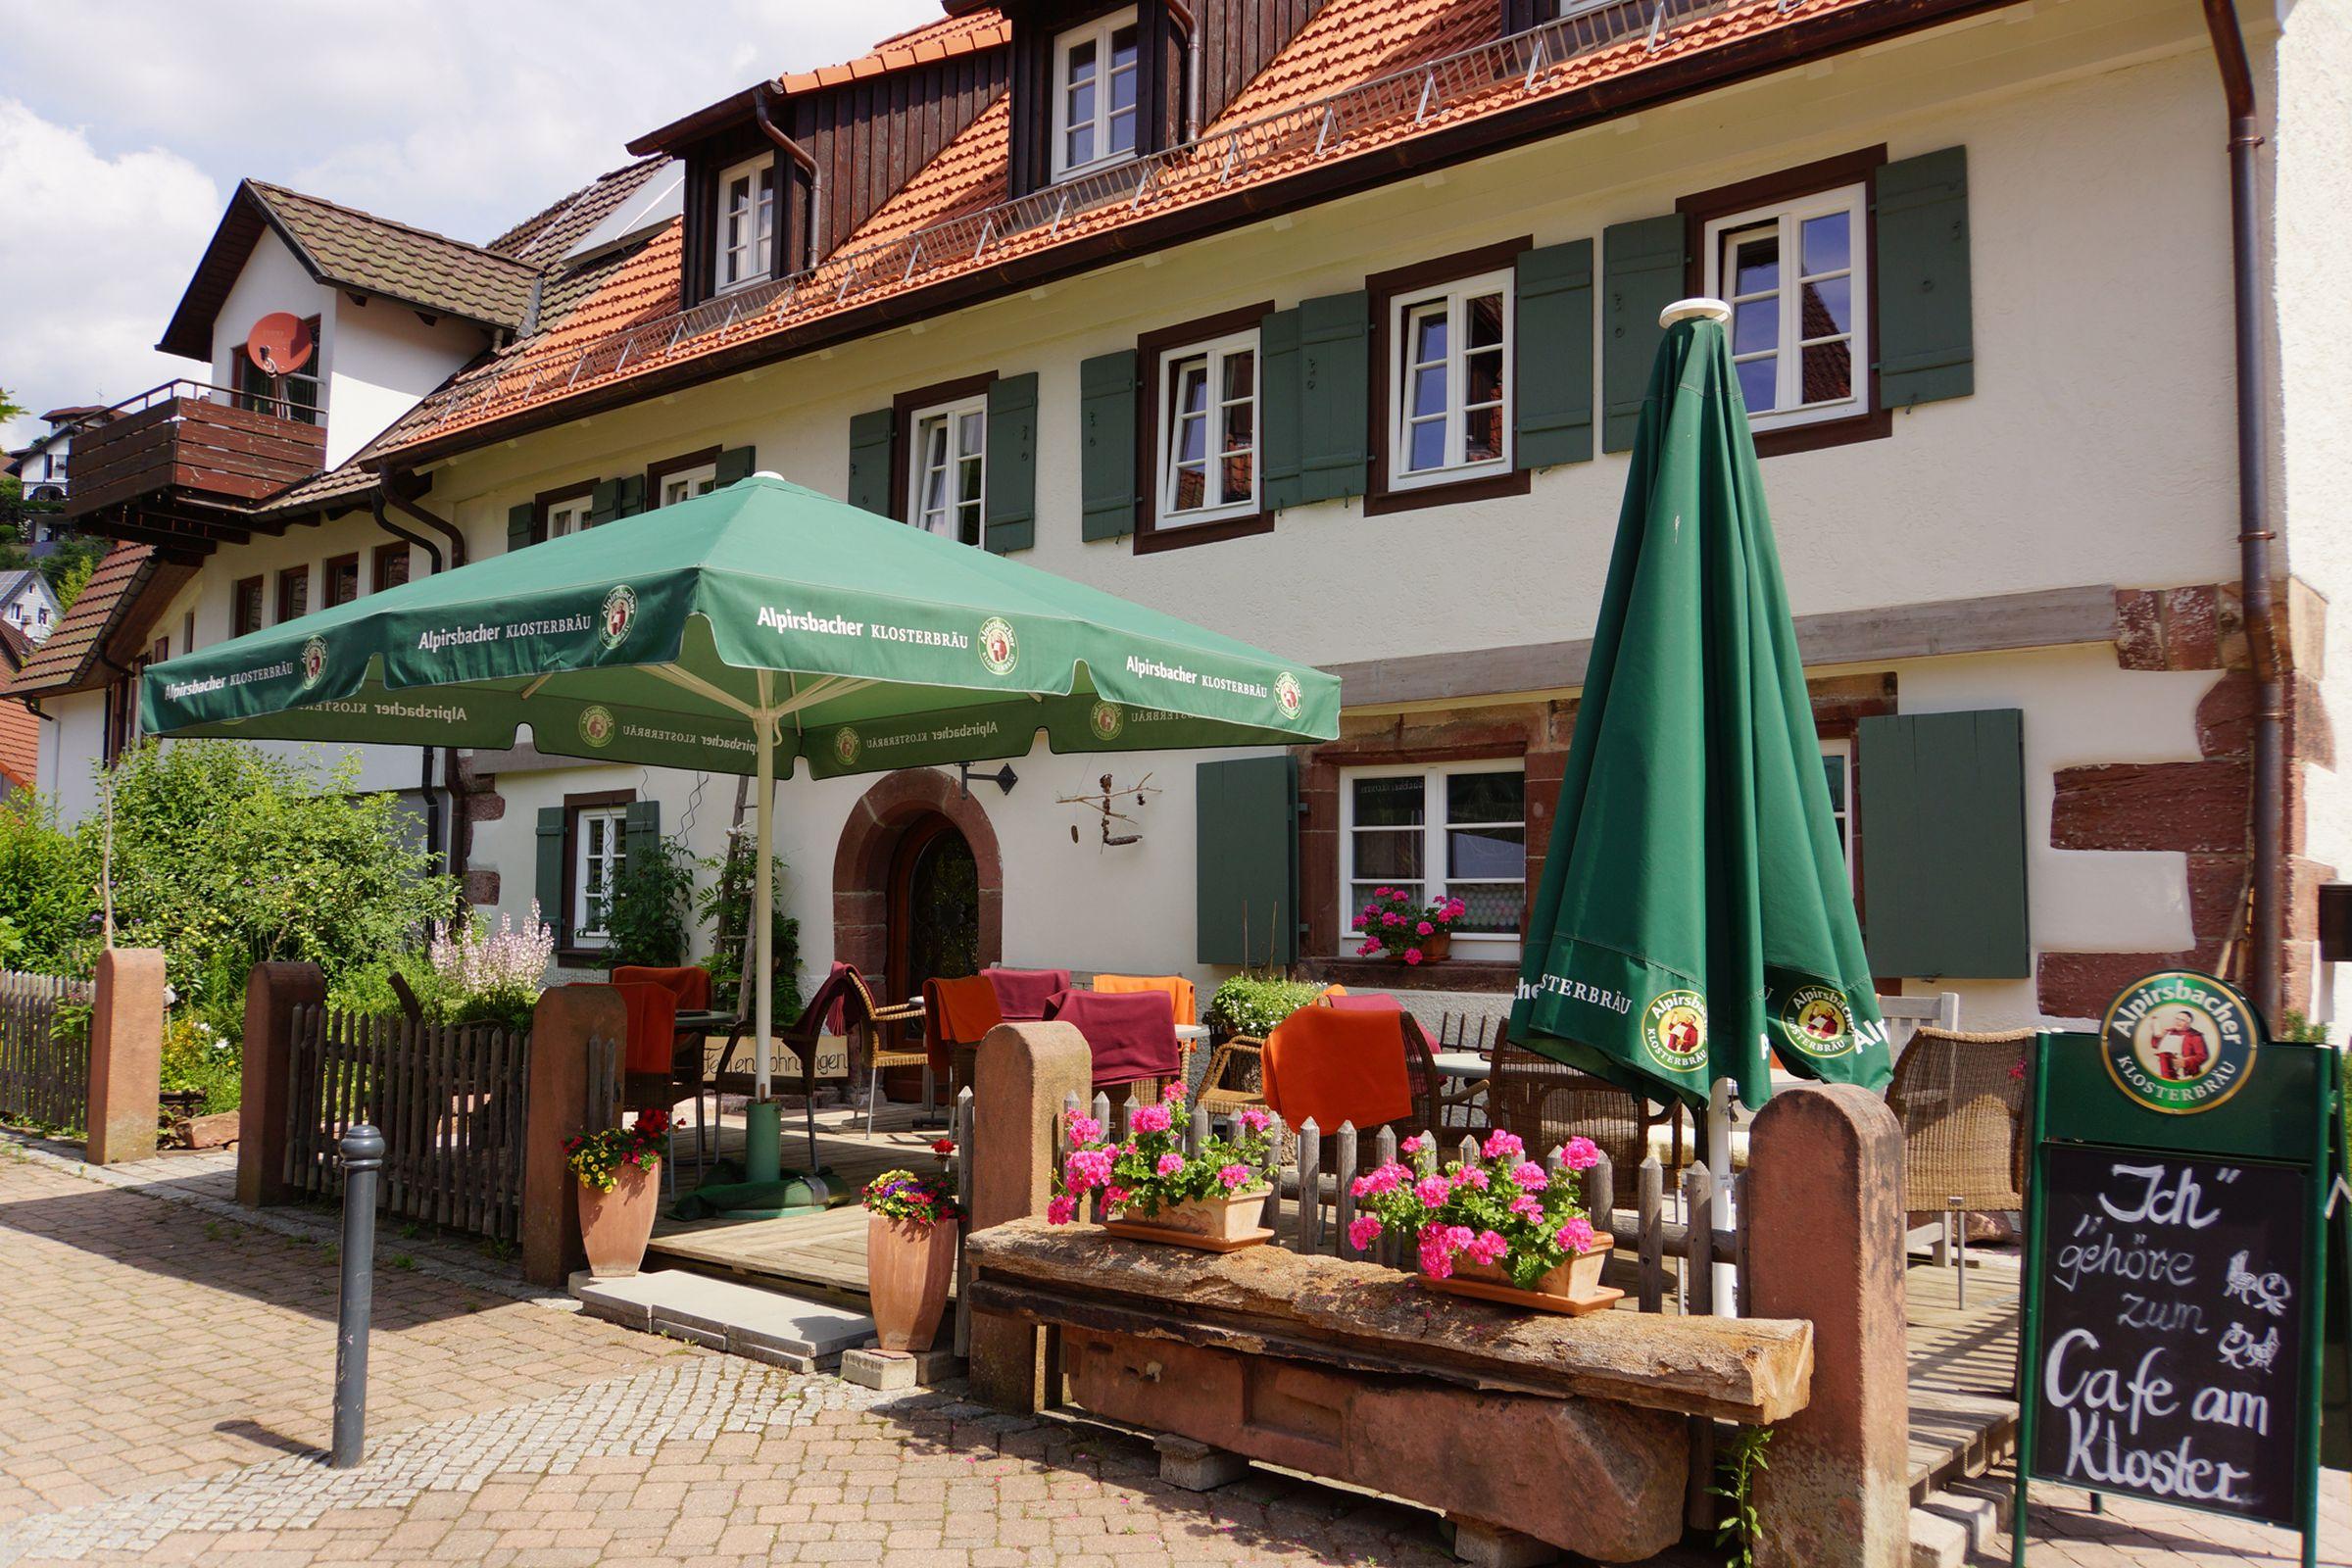 Urlaub im Kulturdenkmal, (Alpirsbach). Ferienwohnu